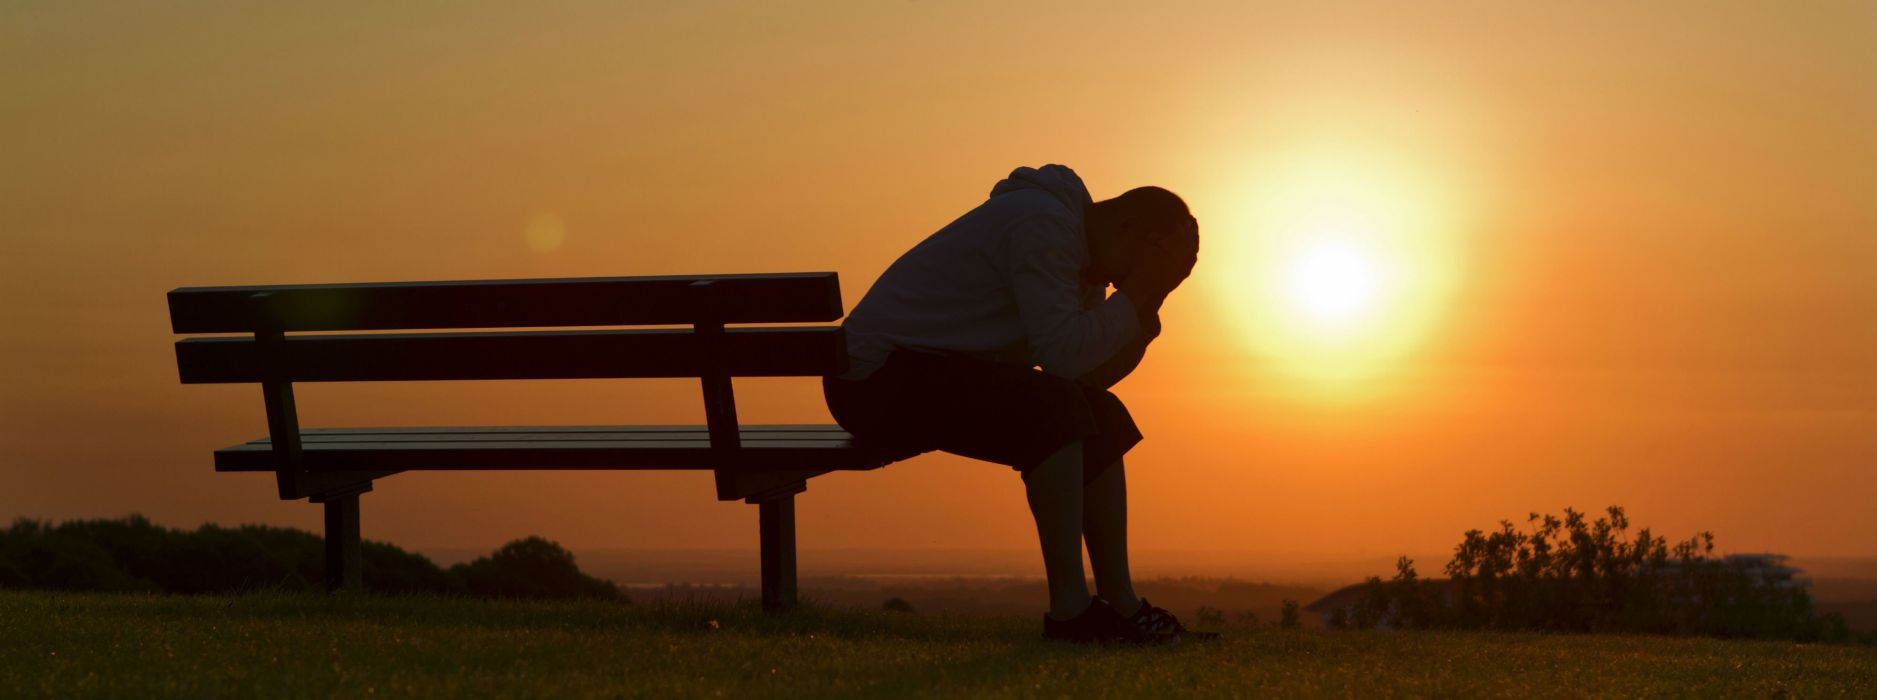 sad mood sorrow dark people love sunset wallpaper